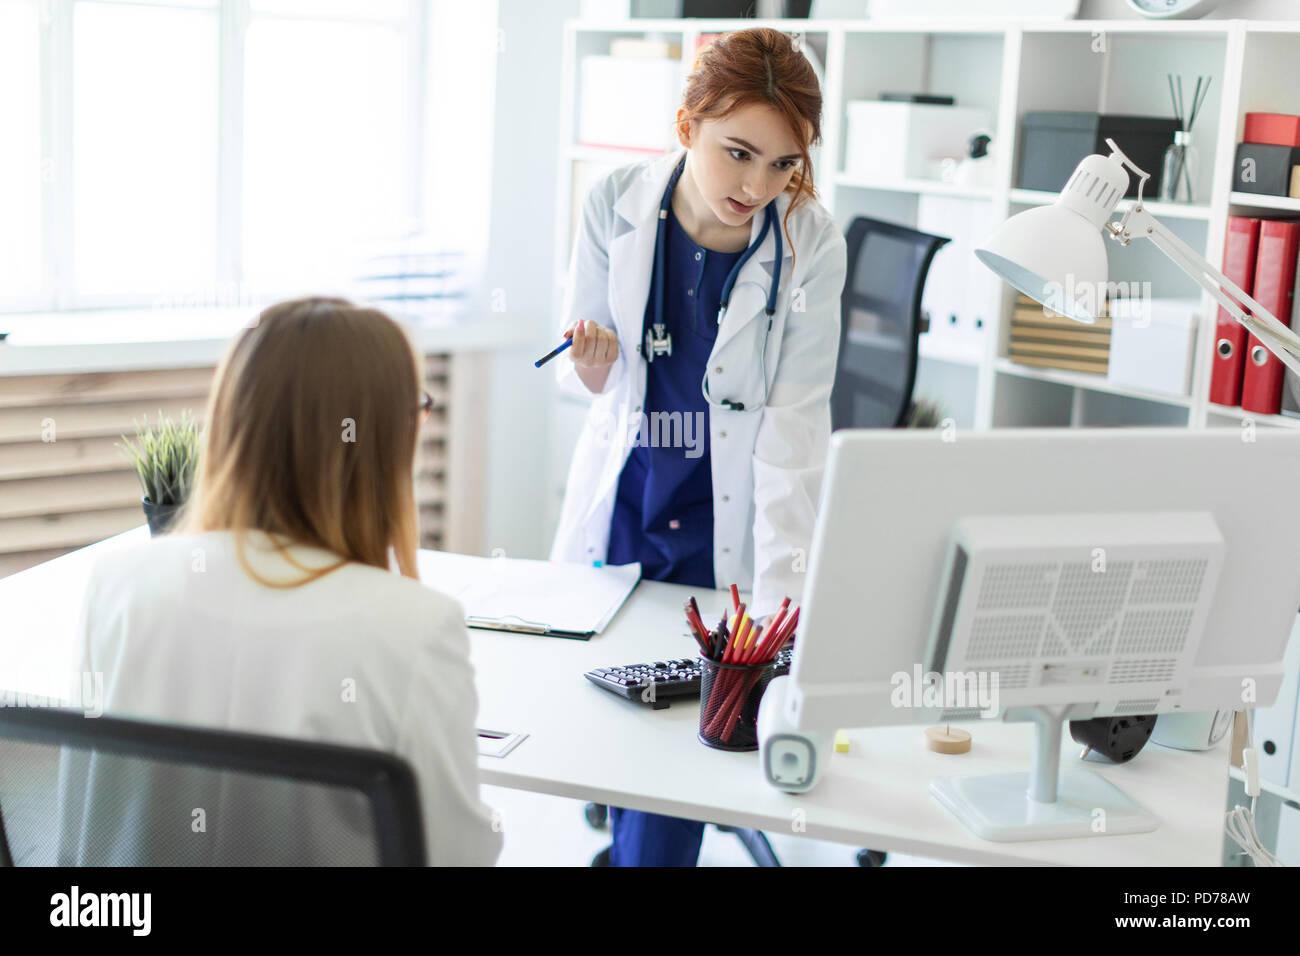 Una hermosa joven vestida con una túnica blanca está de pie cerca de una mesa de ordenador en la oficina y en la comunicación con el interlocutor. La chica hace notas en el documento. Foto de stock